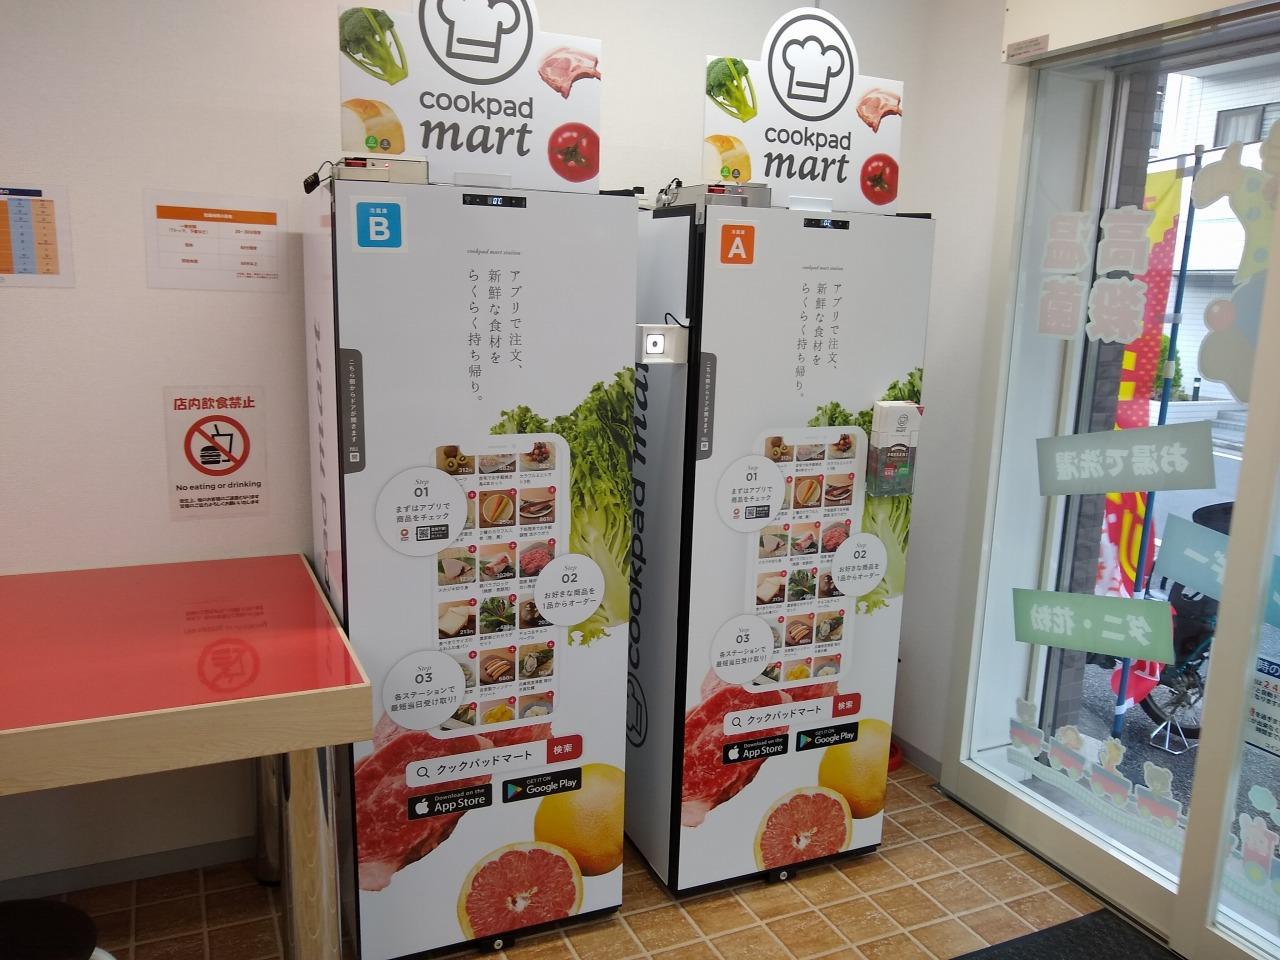 クックパッドマート冷蔵庫